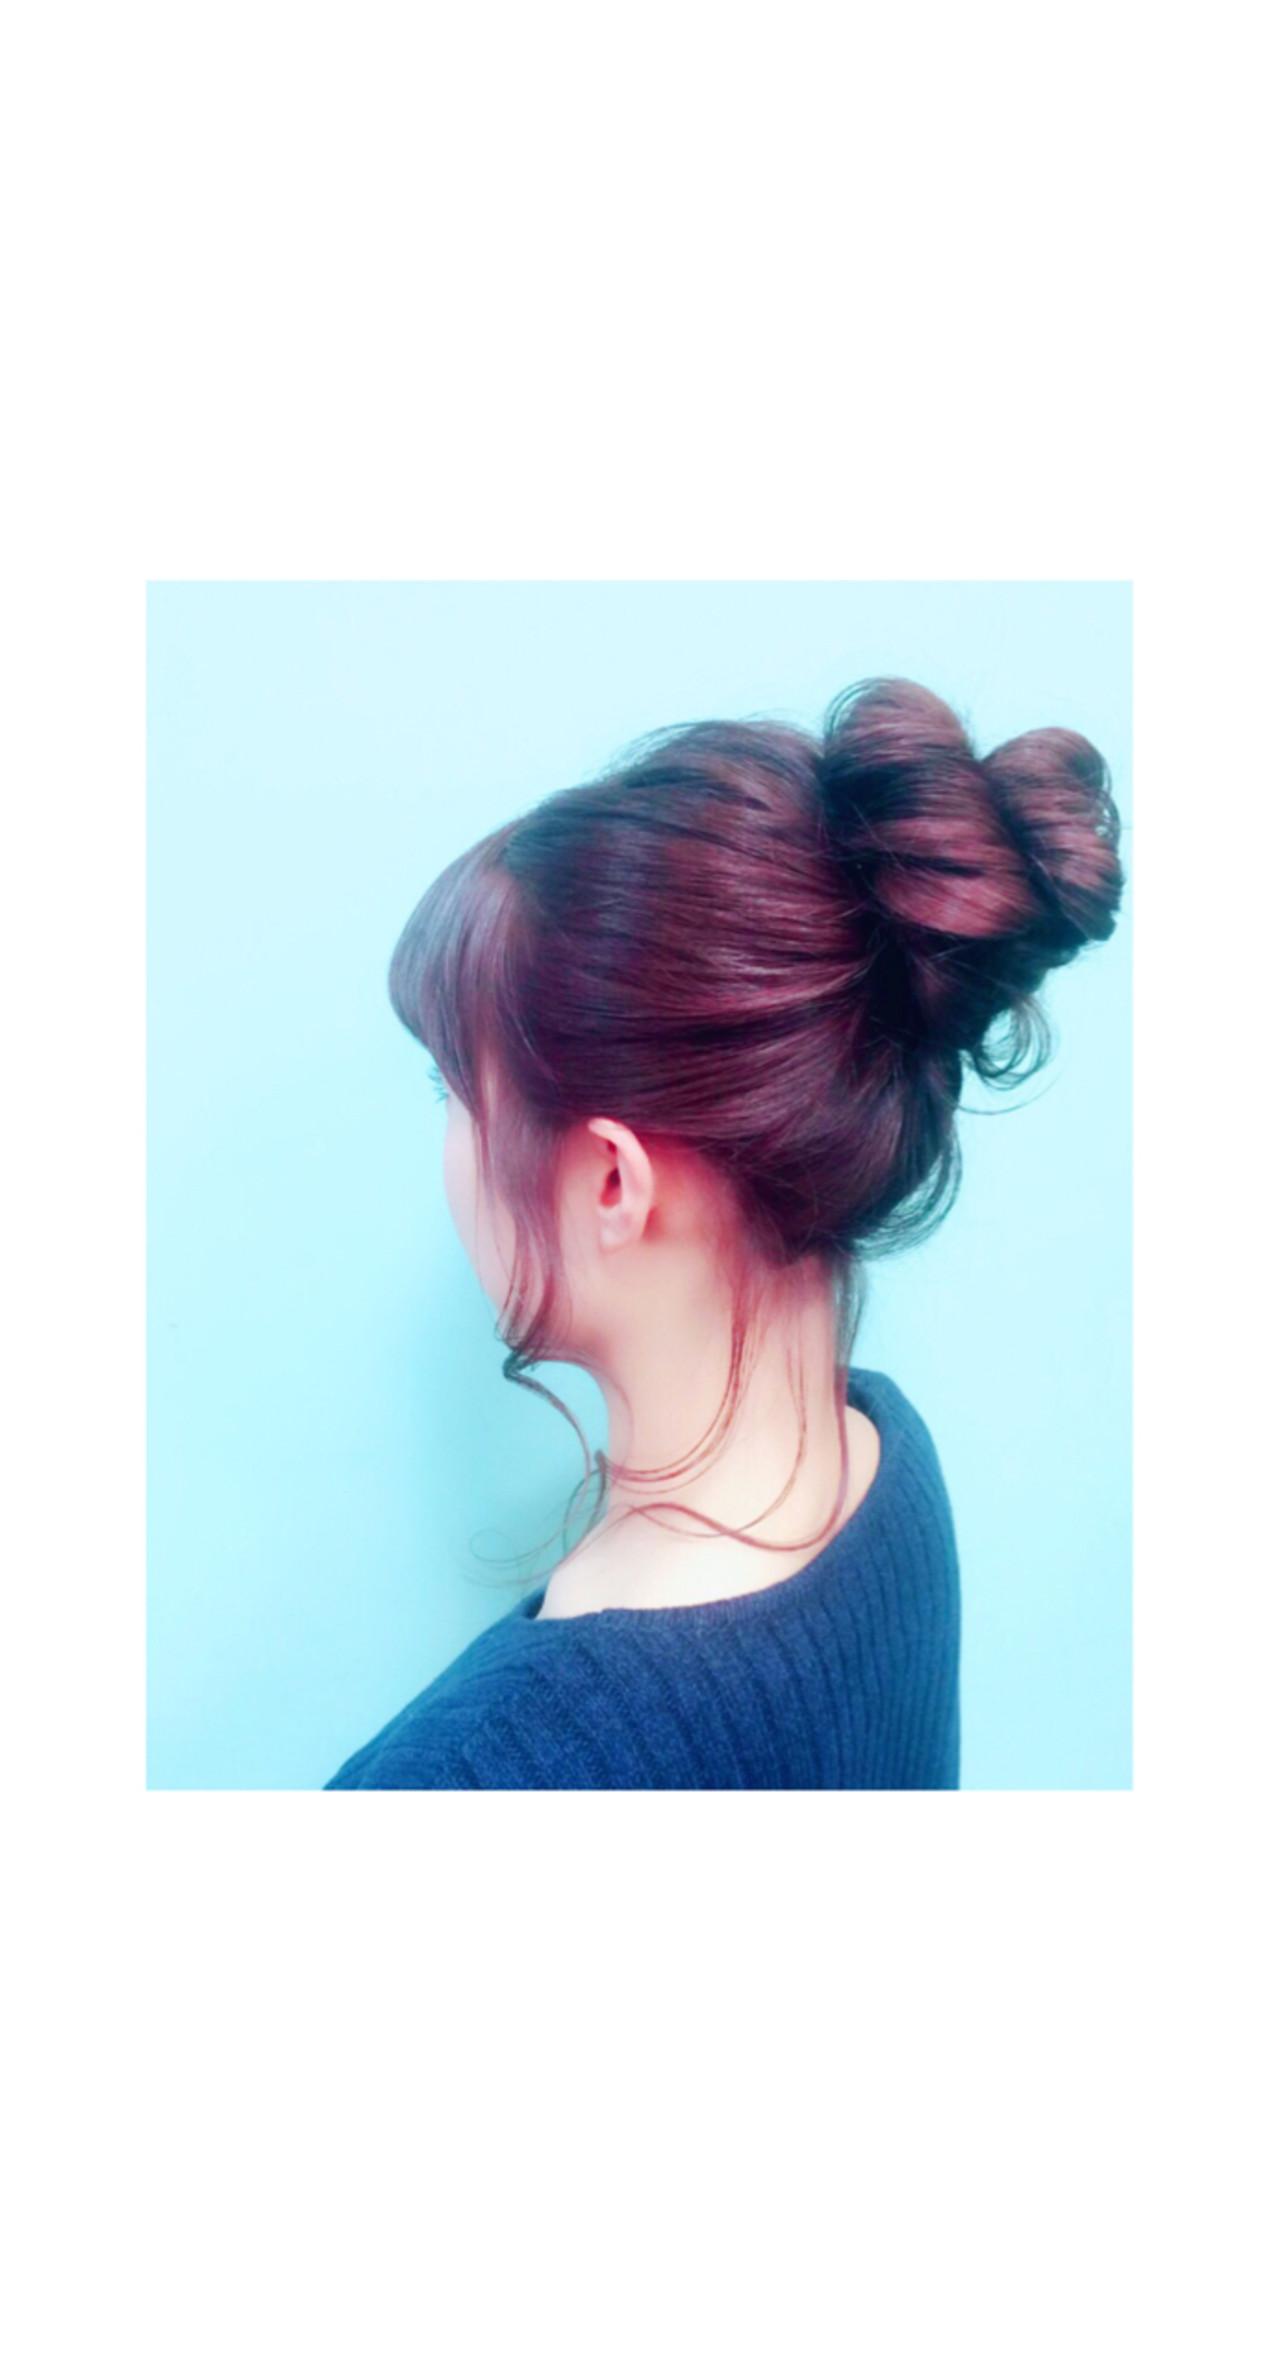 ヘアアレンジ 簡単ヘアアレンジ ロング ショート ヘアスタイルや髪型の写真・画像 | teddy / grauge hair